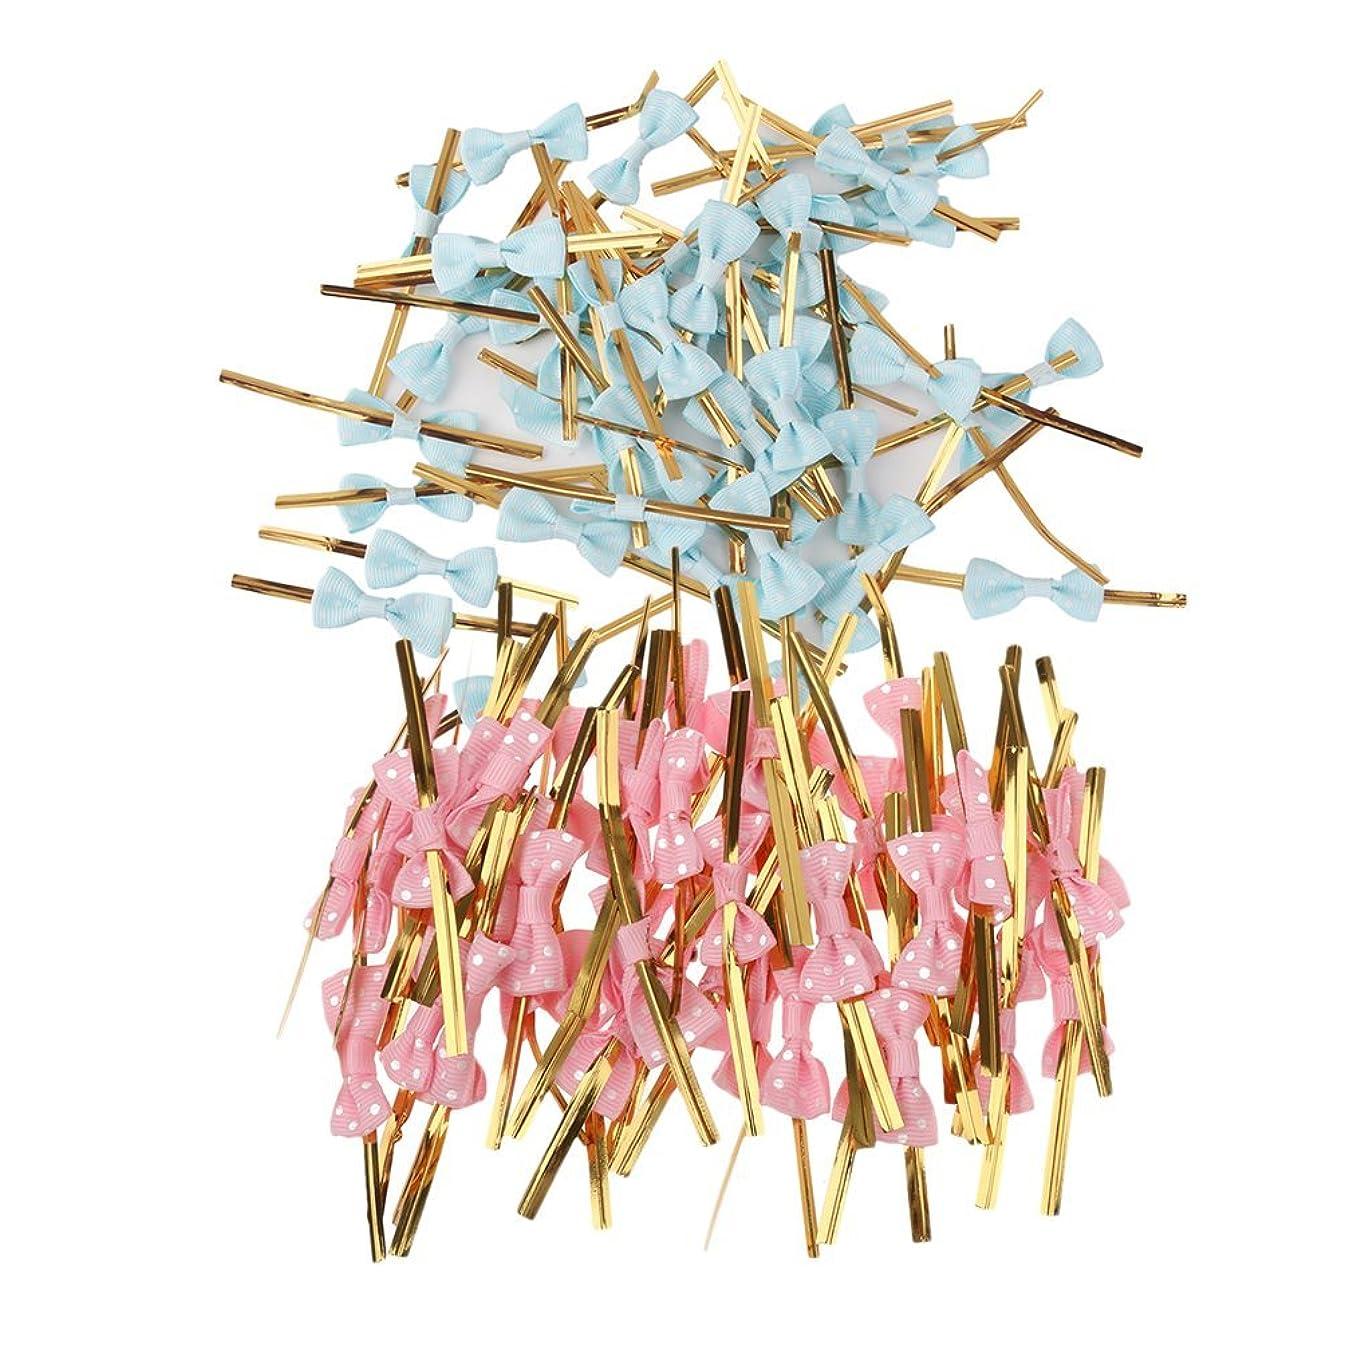 タイマー劇作家逆説Baosity ツイストネクタイ ちょう結び メタリック キャンディバッグ ケーキポップスバッグ 装飾 約100個入り ブルー&ピンク